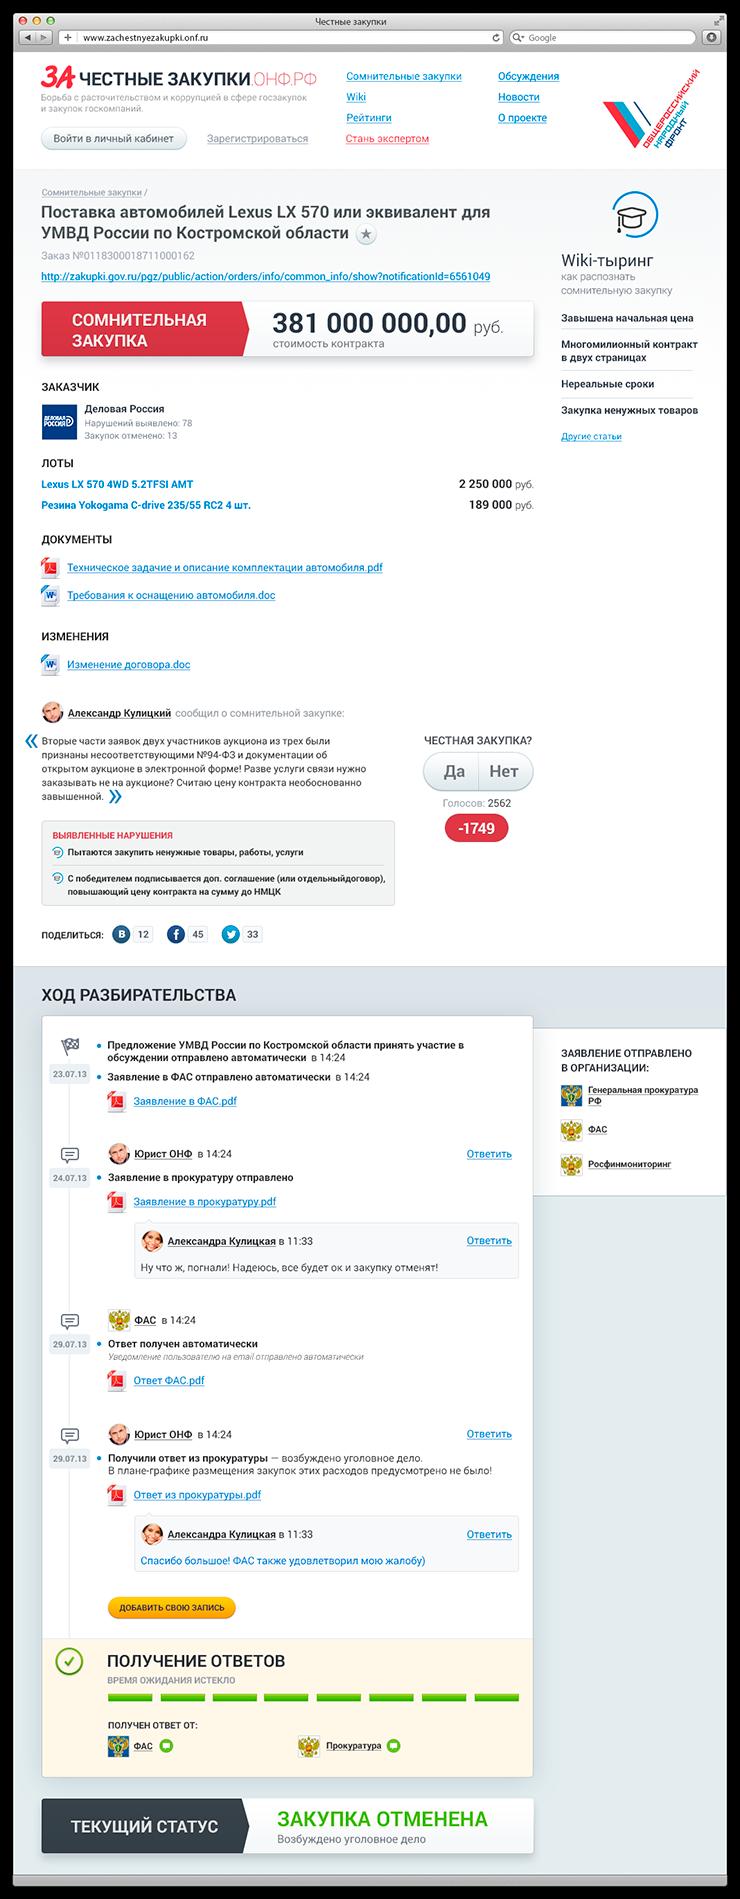 Создание сайта zachestnyezakupki - страница сомнительной закупки